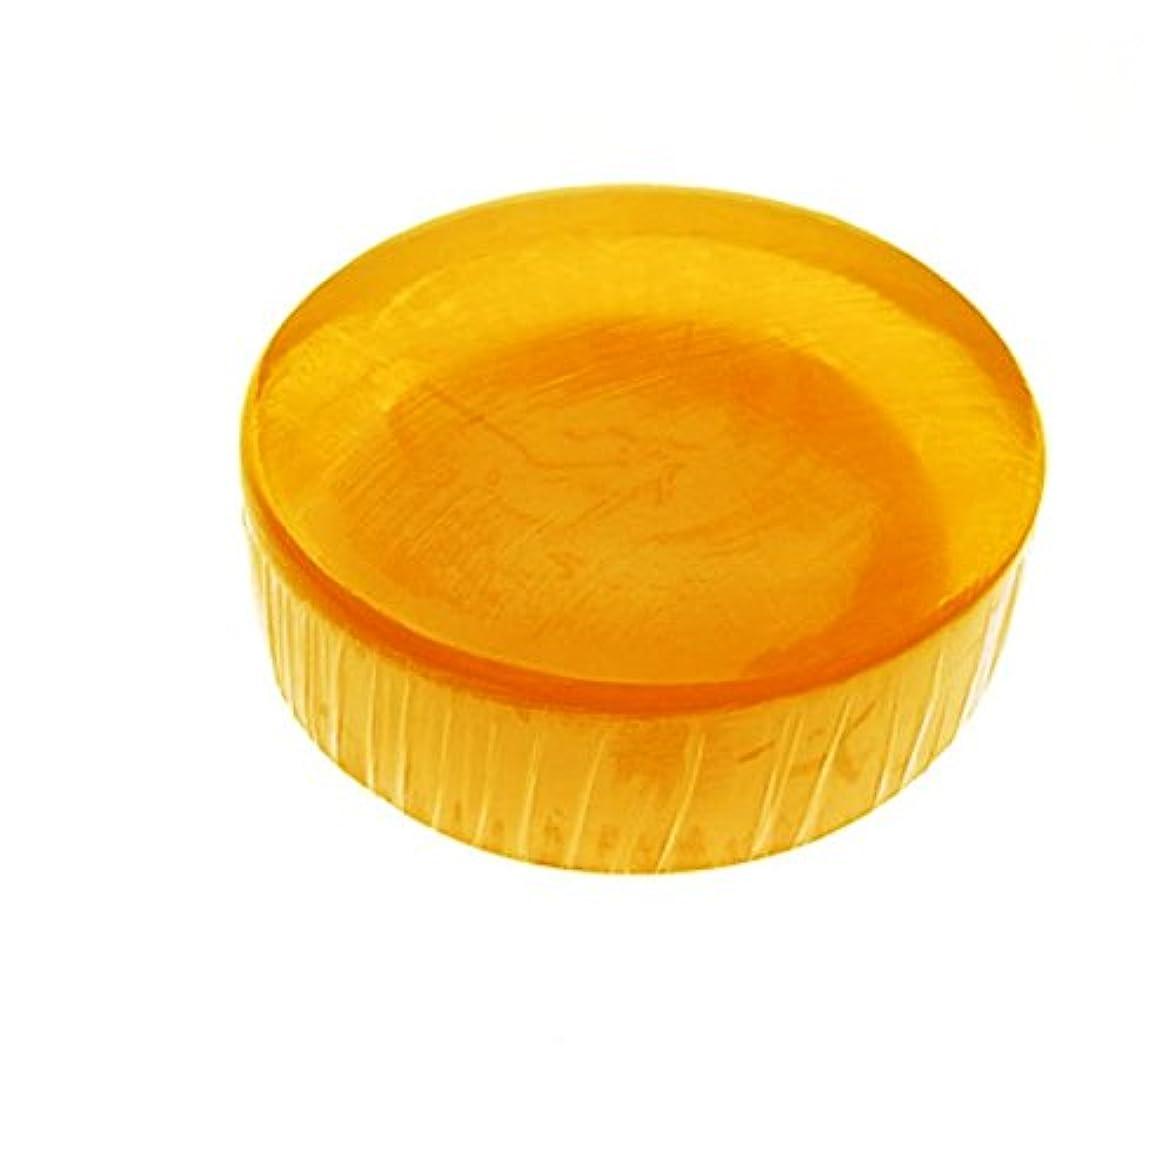 熟練した新しさスプーン瑚泡美肌ハチミツ石けん100g(泡立てネット/使用説明書付き)